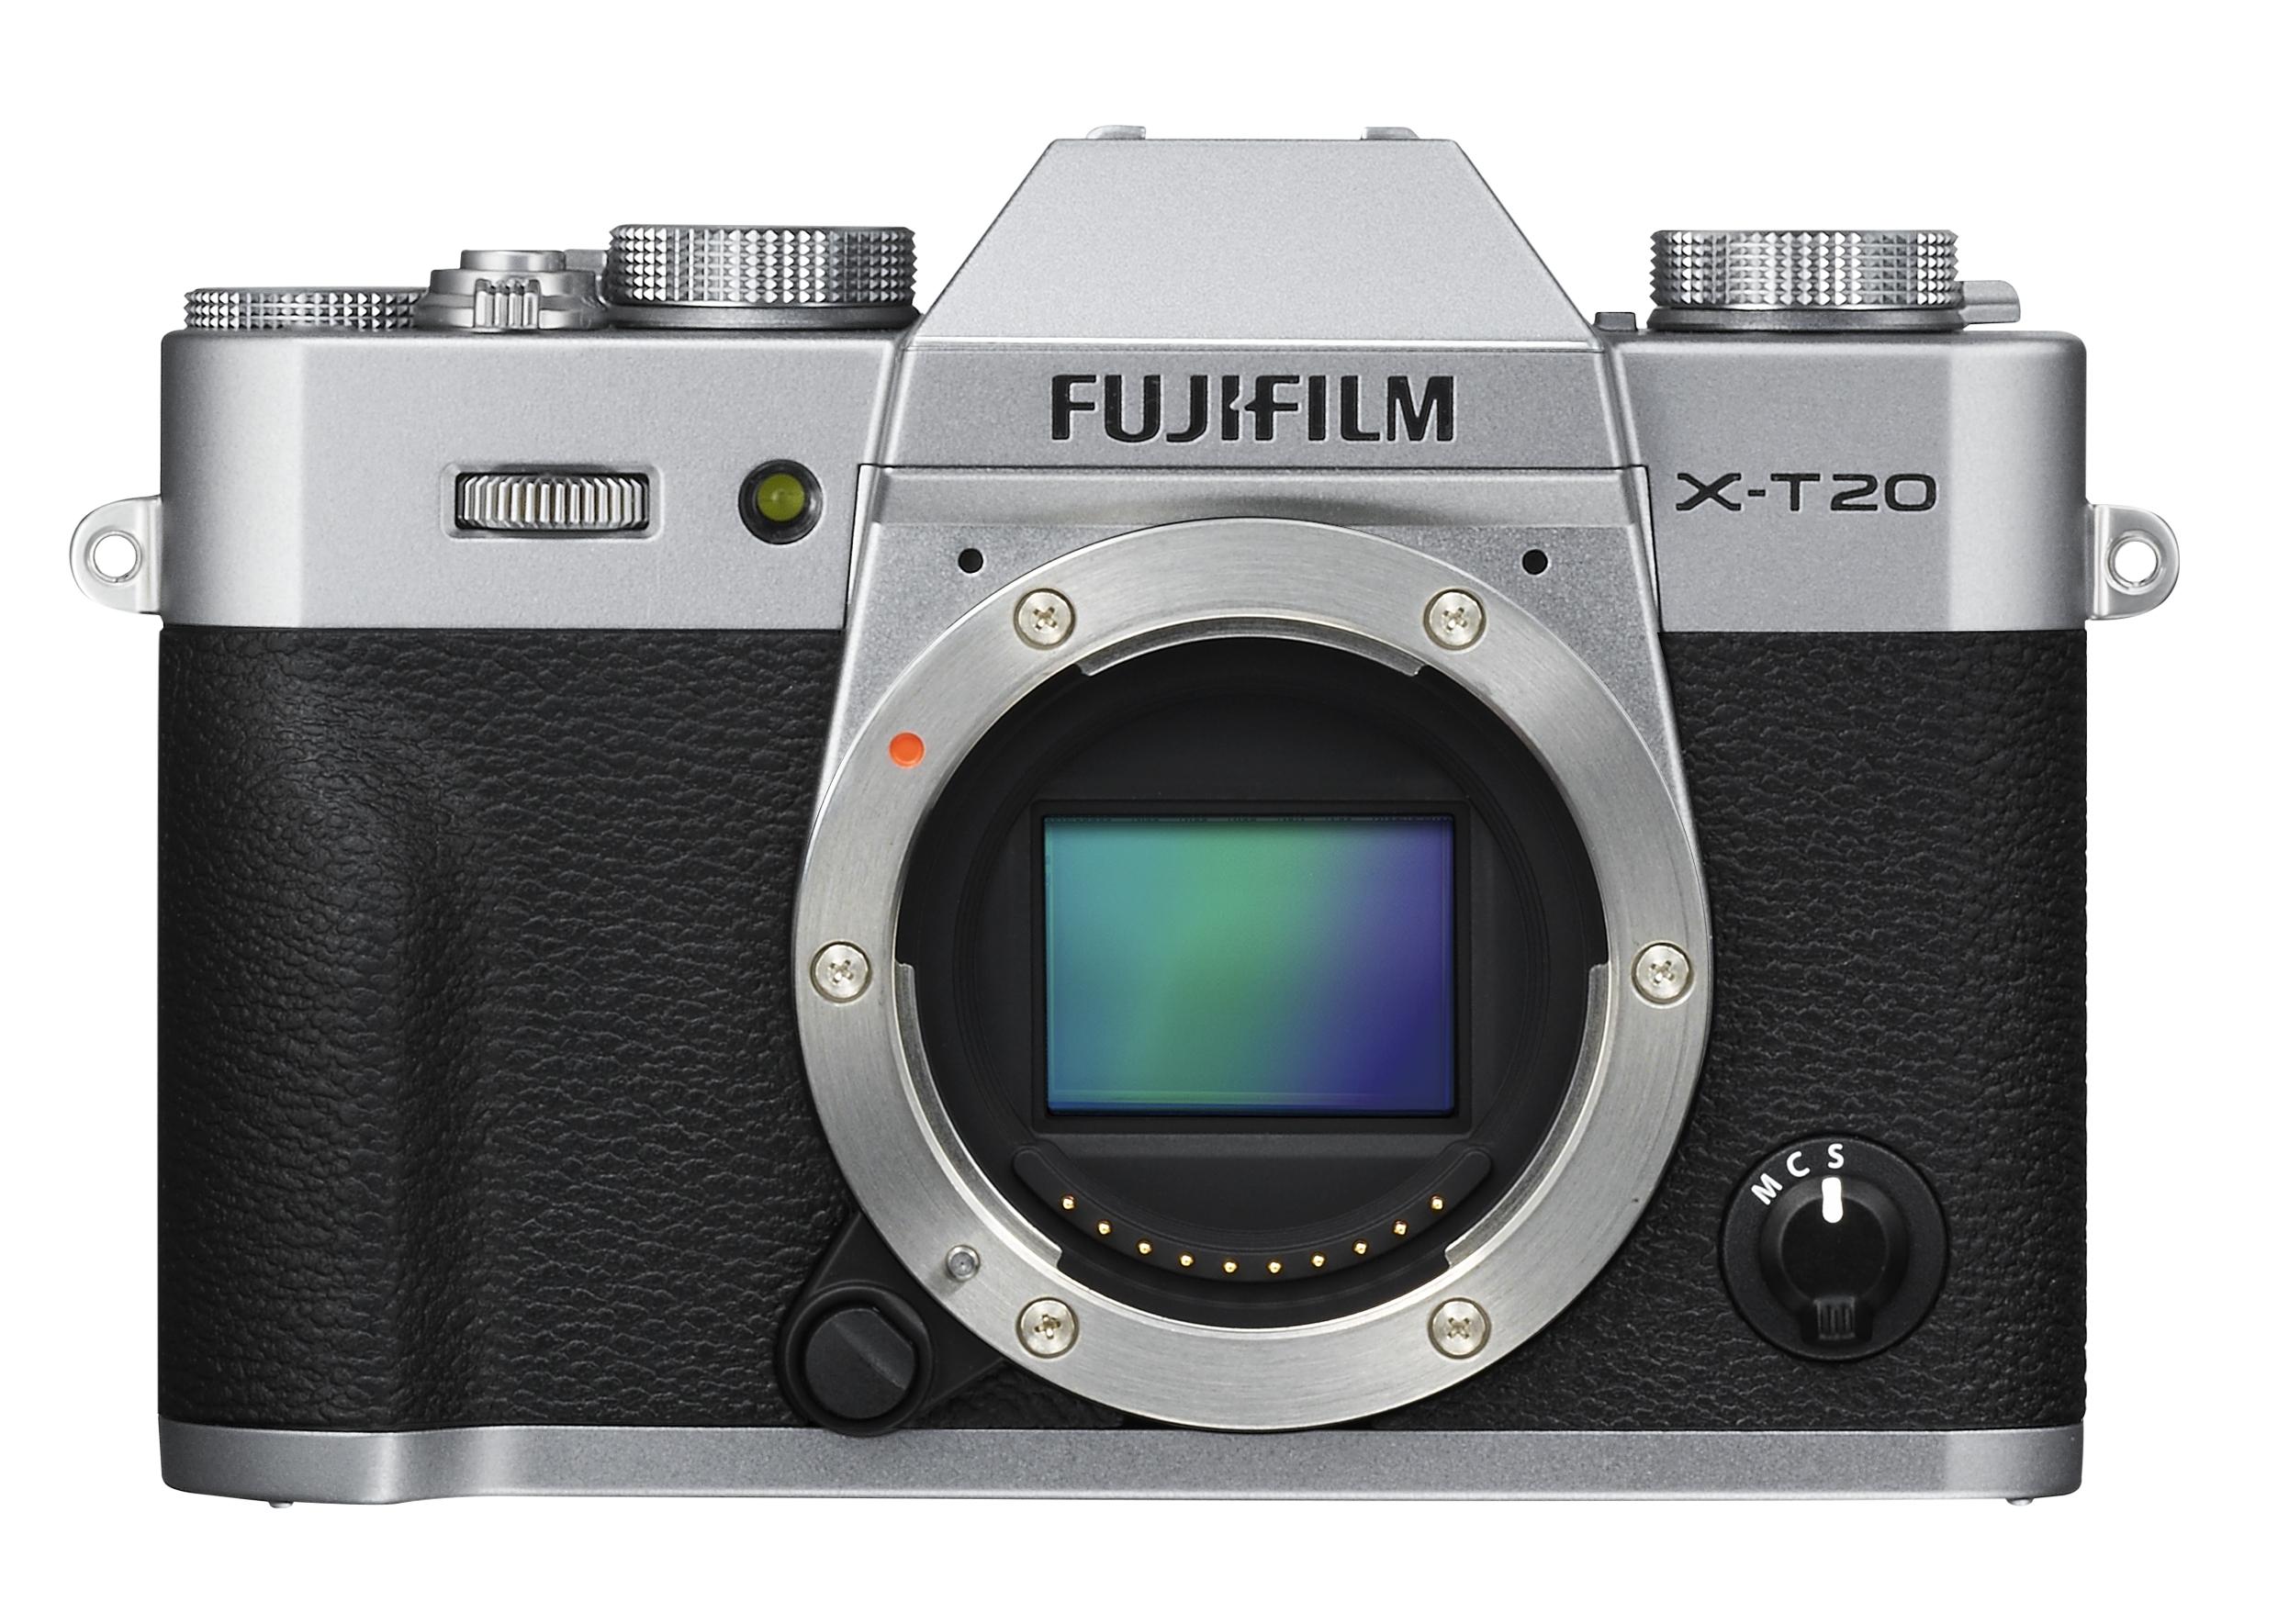 Nuovo aggiornamento software FUJIFILM X-T20